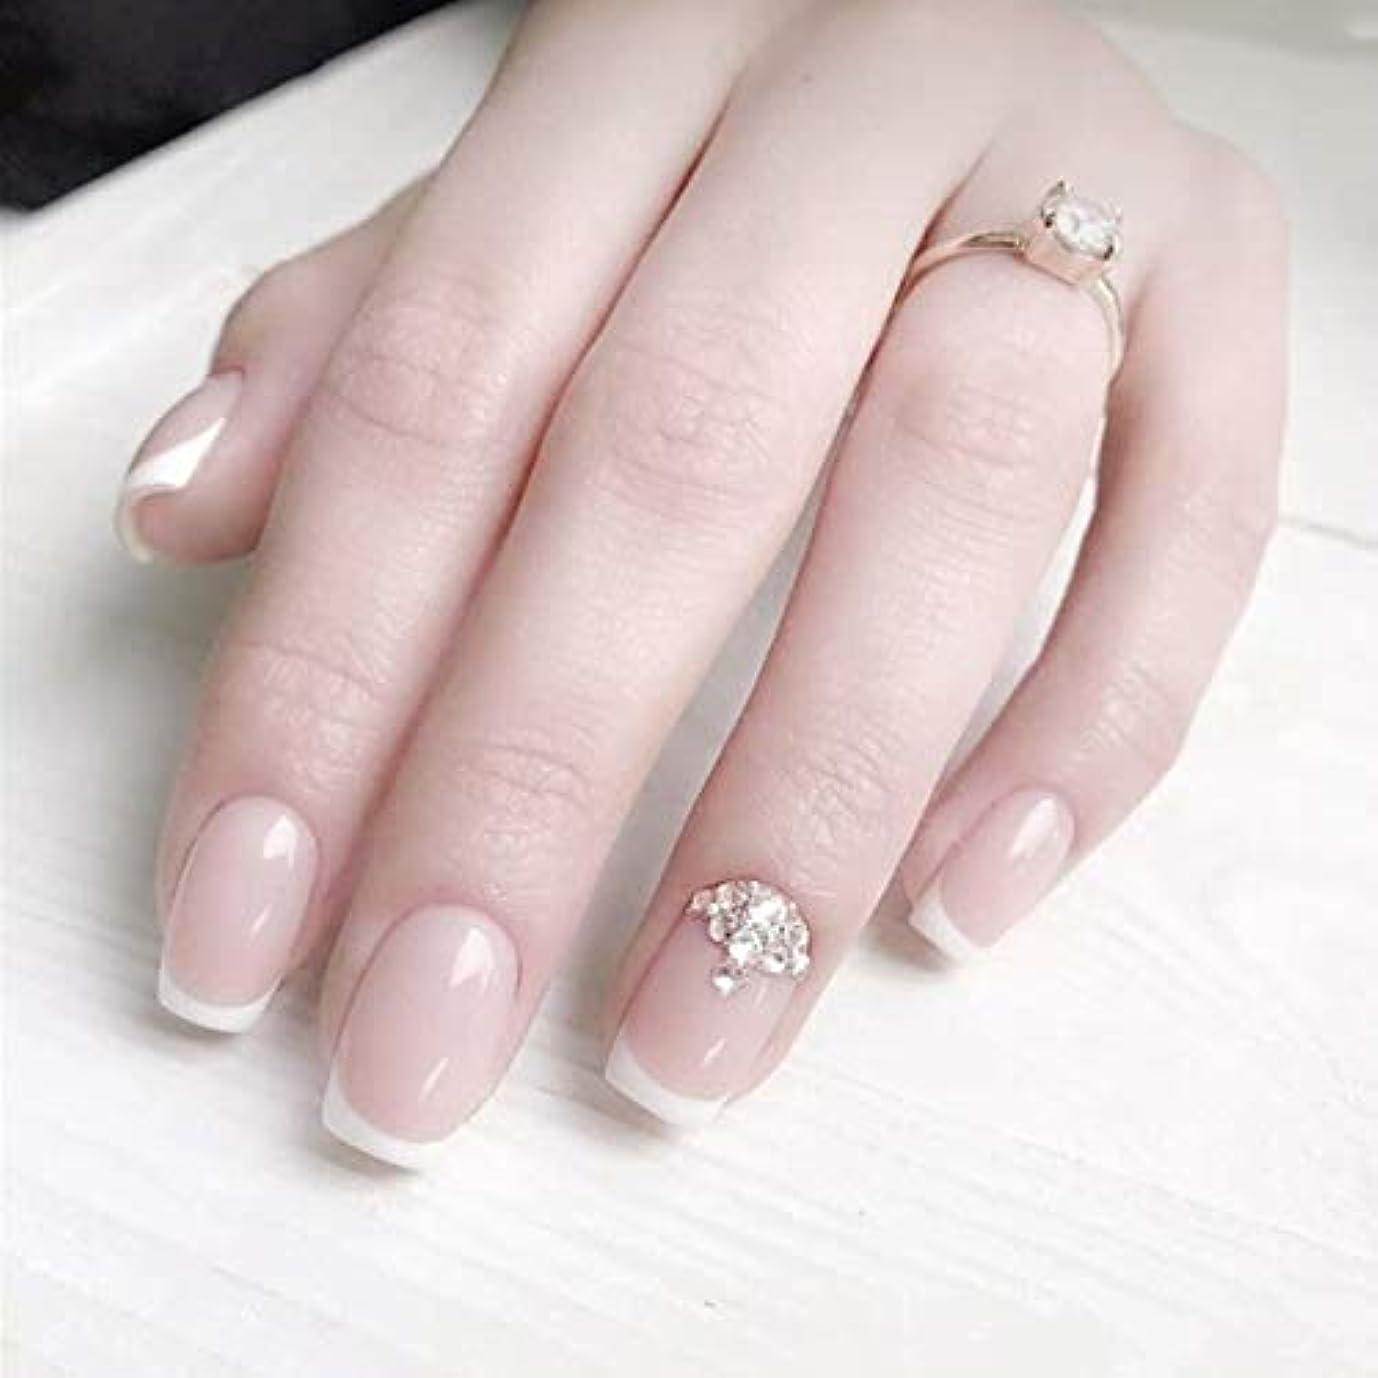 トムオードリースピカソ公然とロマンチックのフランス風ネイルチップ 付け爪 花嫁ネイルパーツ つけ爪 ネイルジュエリー ネイルアート